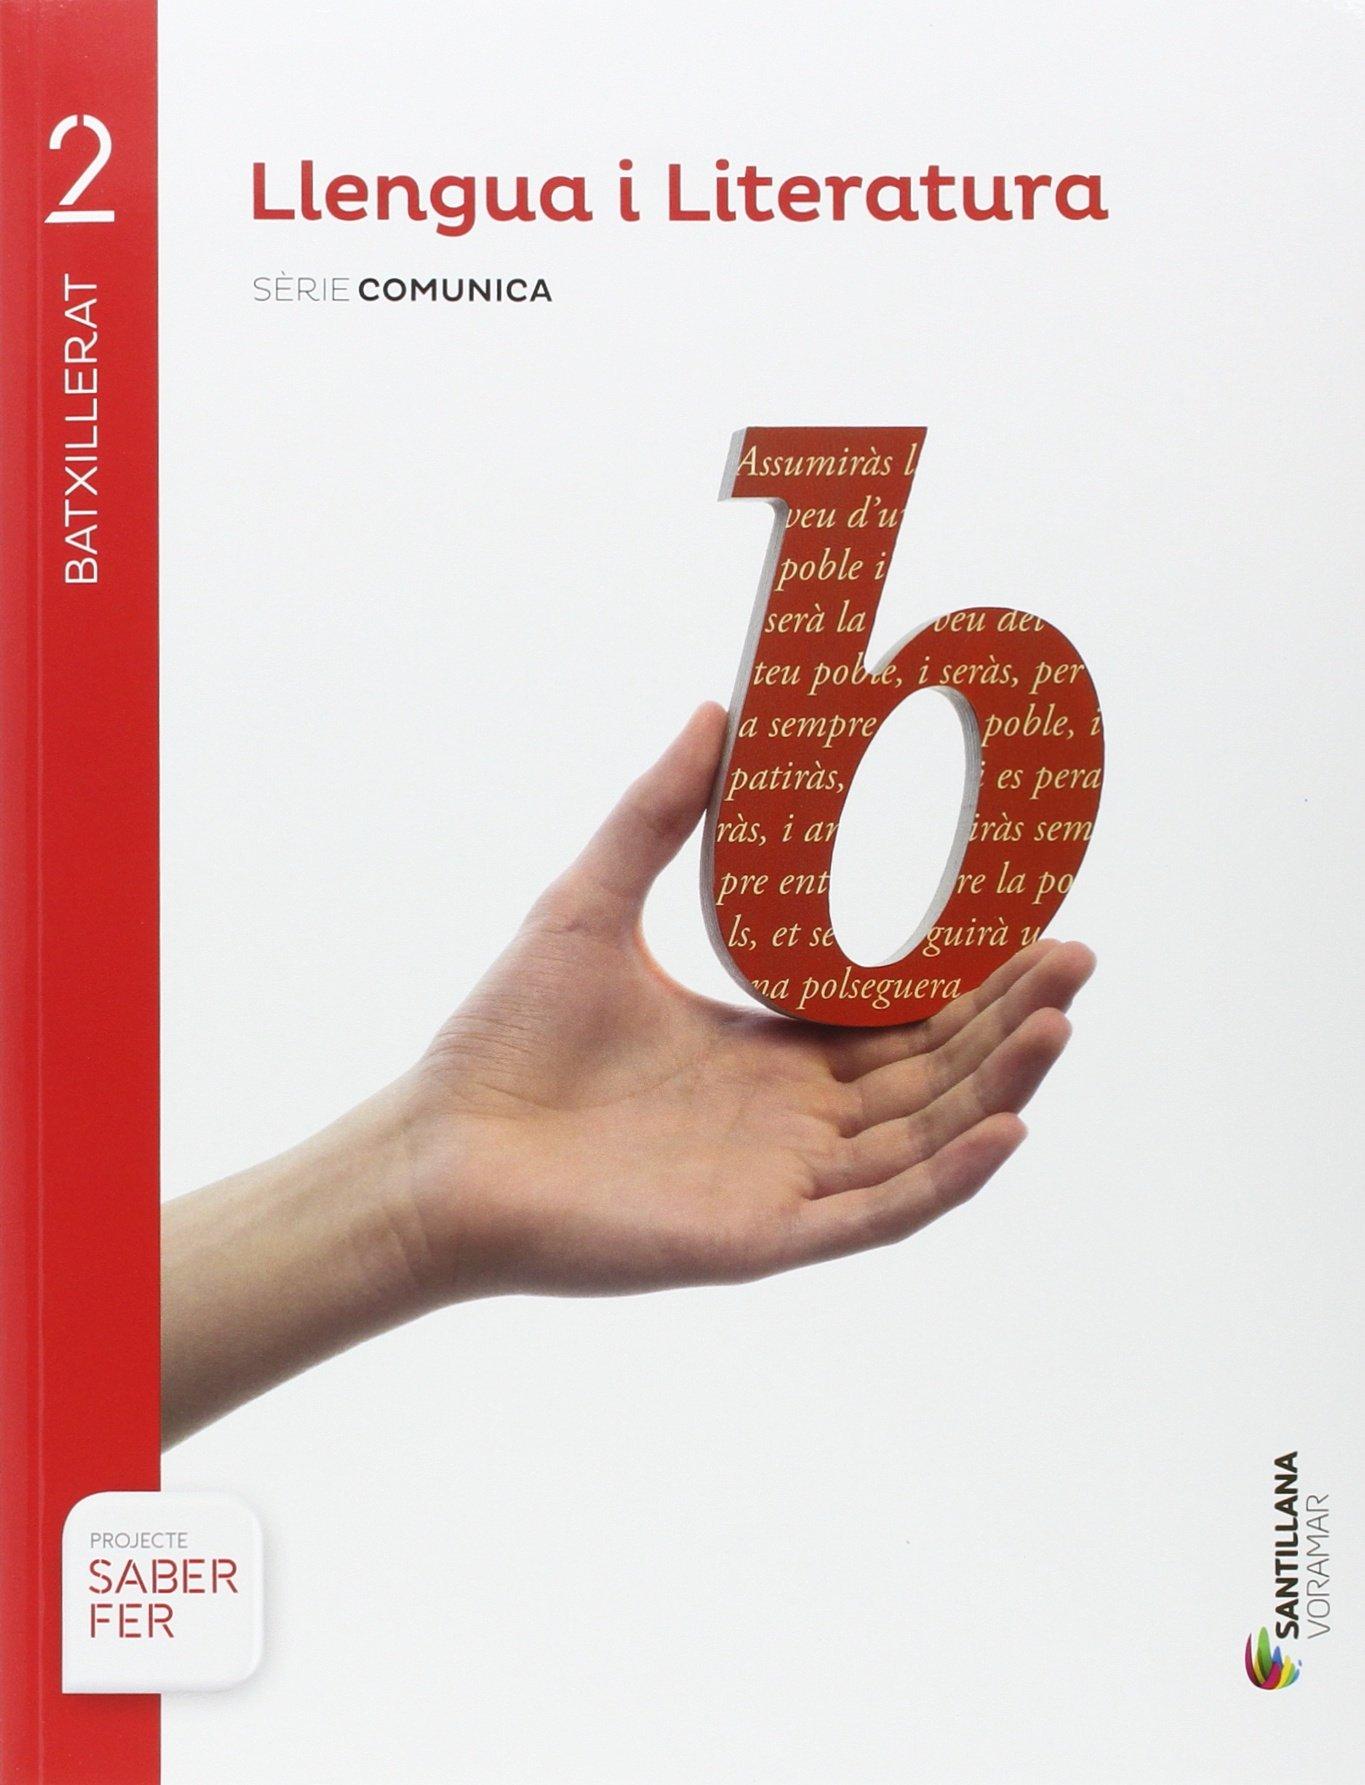 LLENGUA I LITERATURA SERIE COMUNICA 2 BTX SABER FER - 9788490588932: Amazon.es: Aa.Vv.: Libros